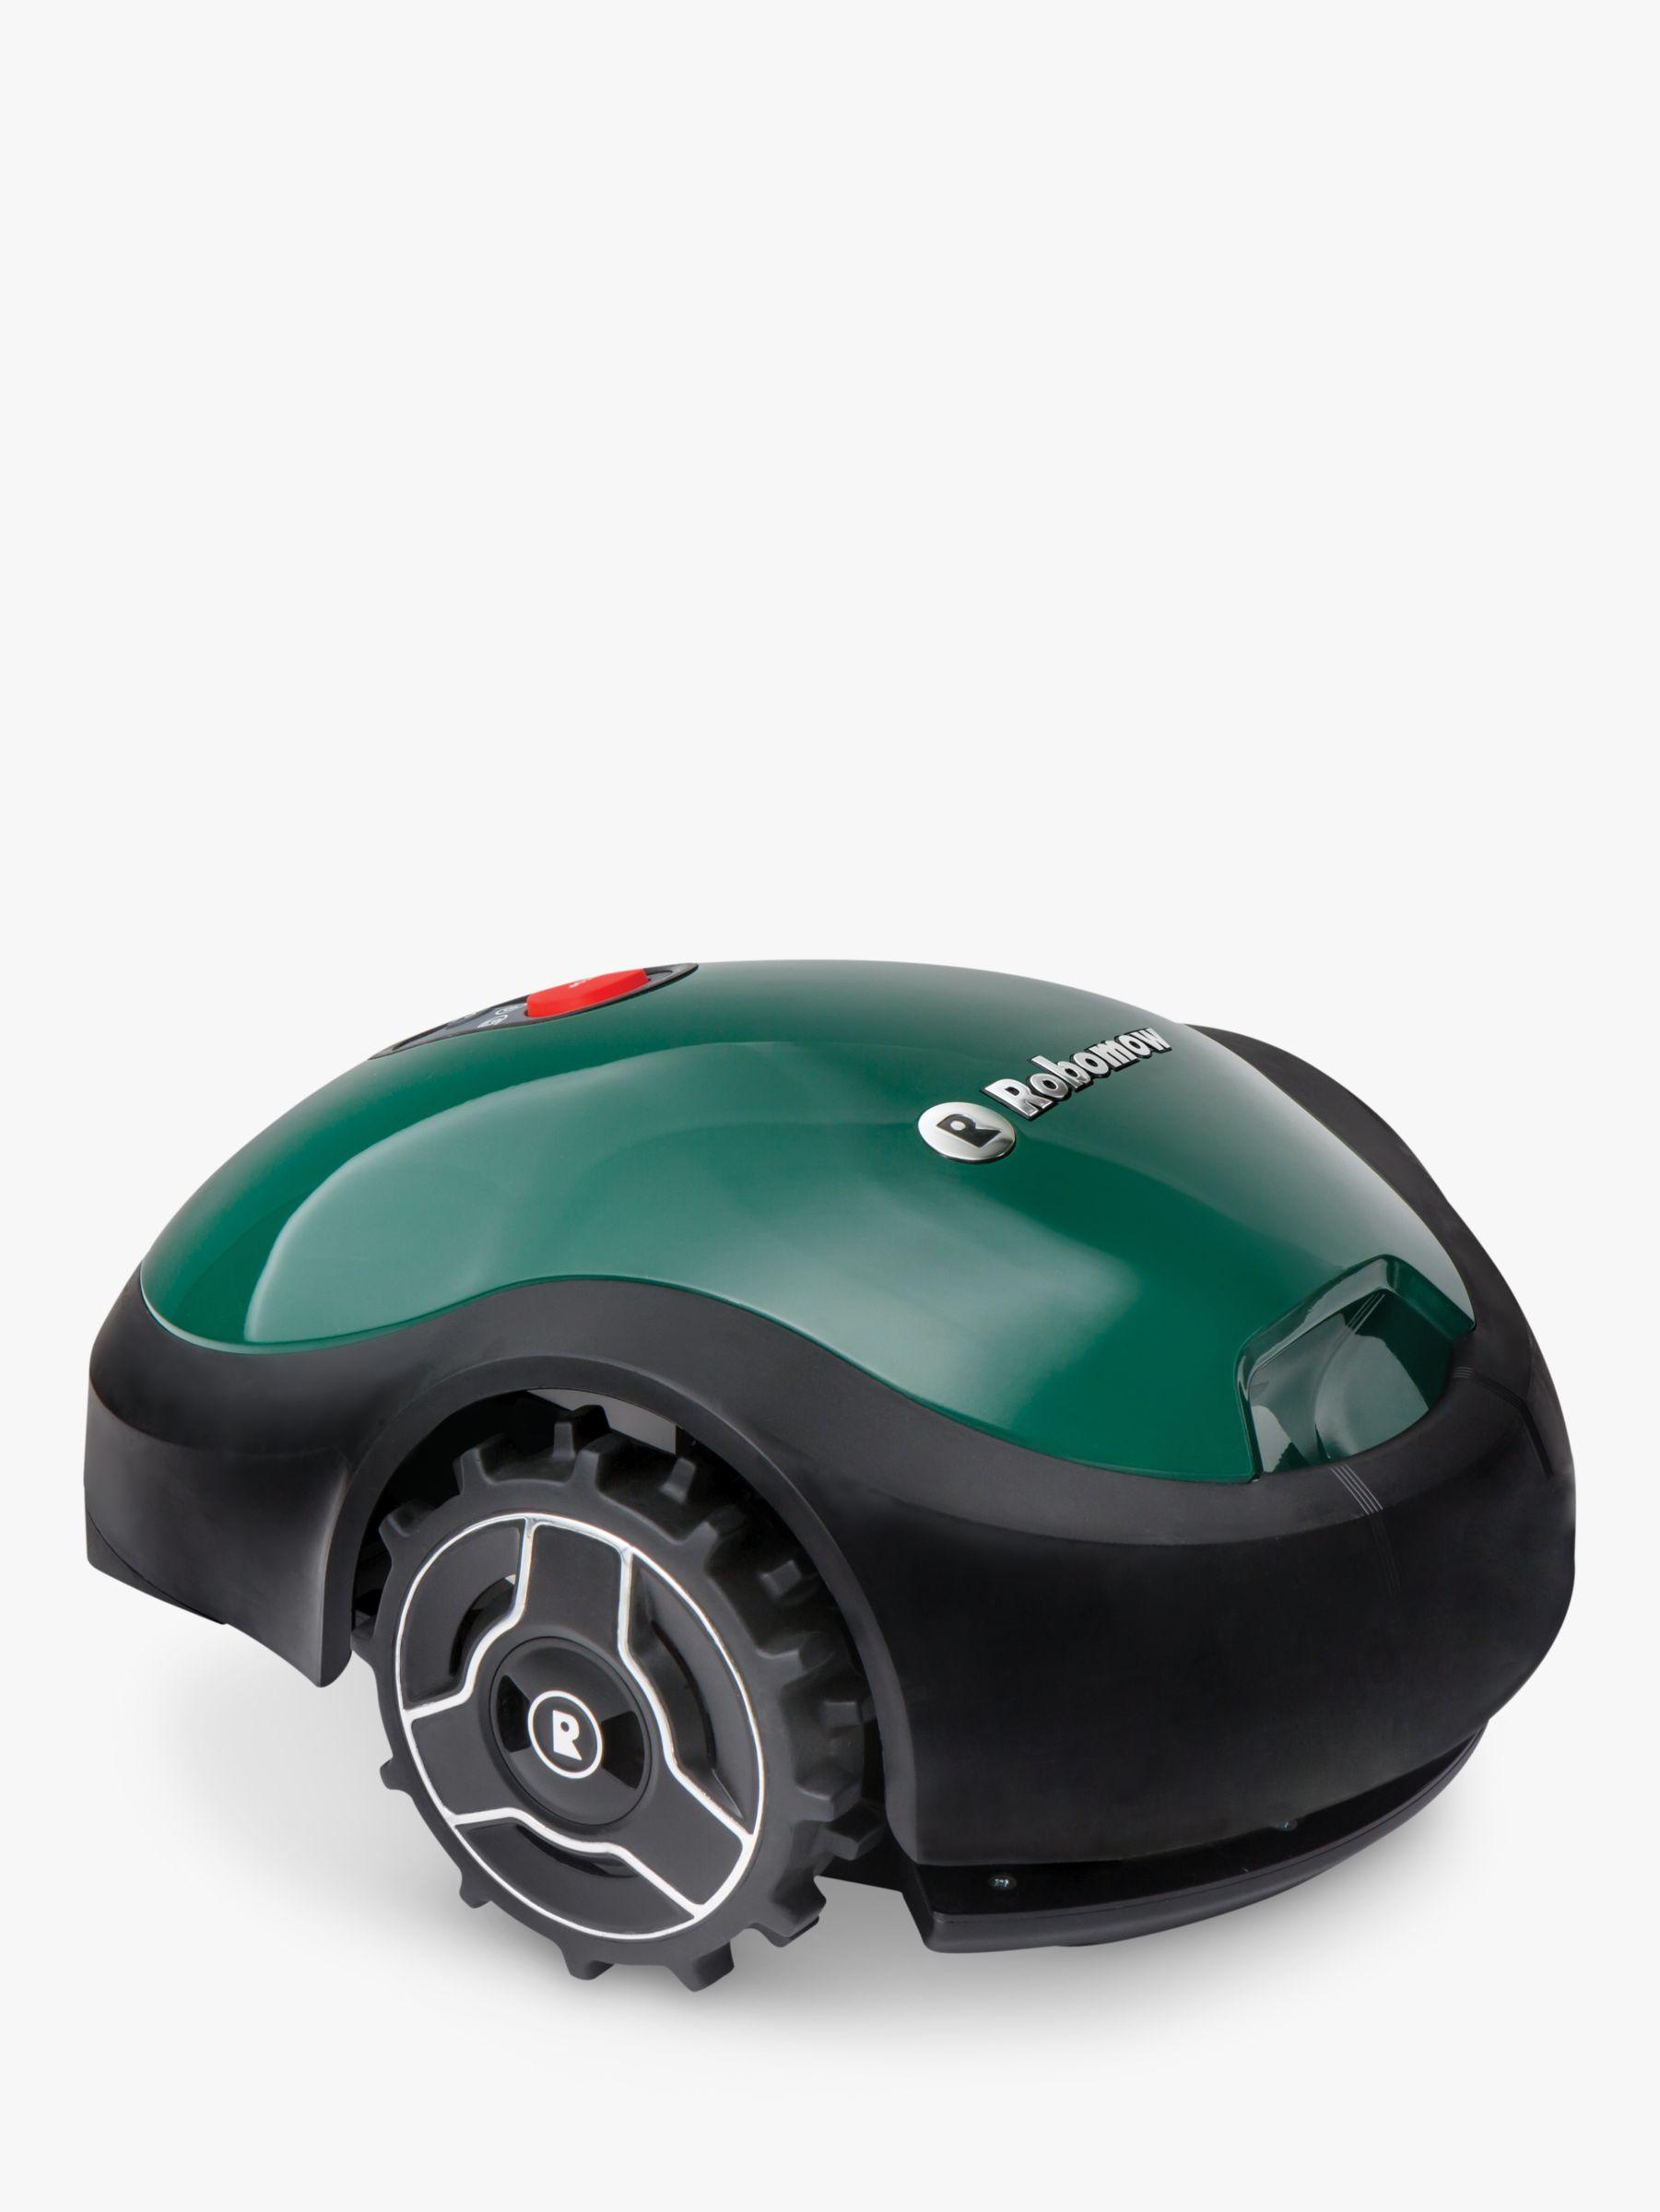 Robomow Robomow RX20U Automatic Robotic Lawnmower